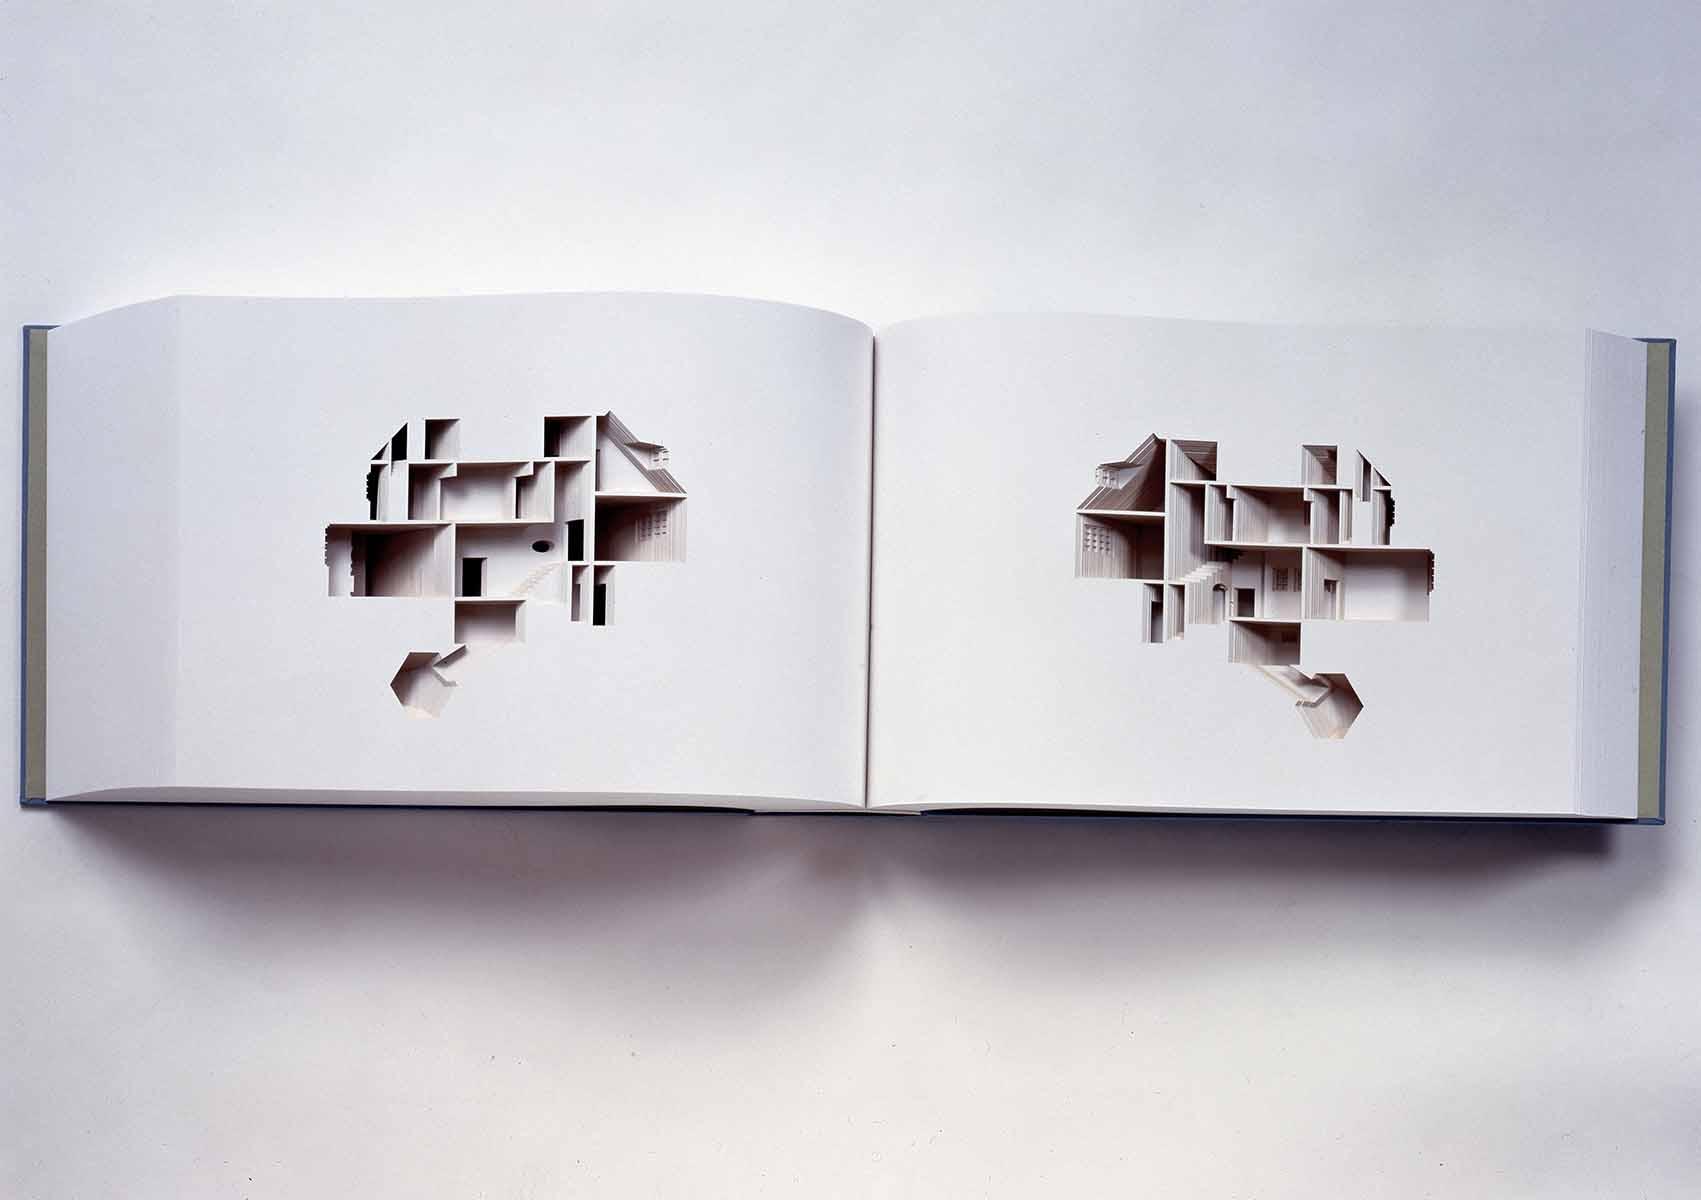 Colección Teixeira de Freitas